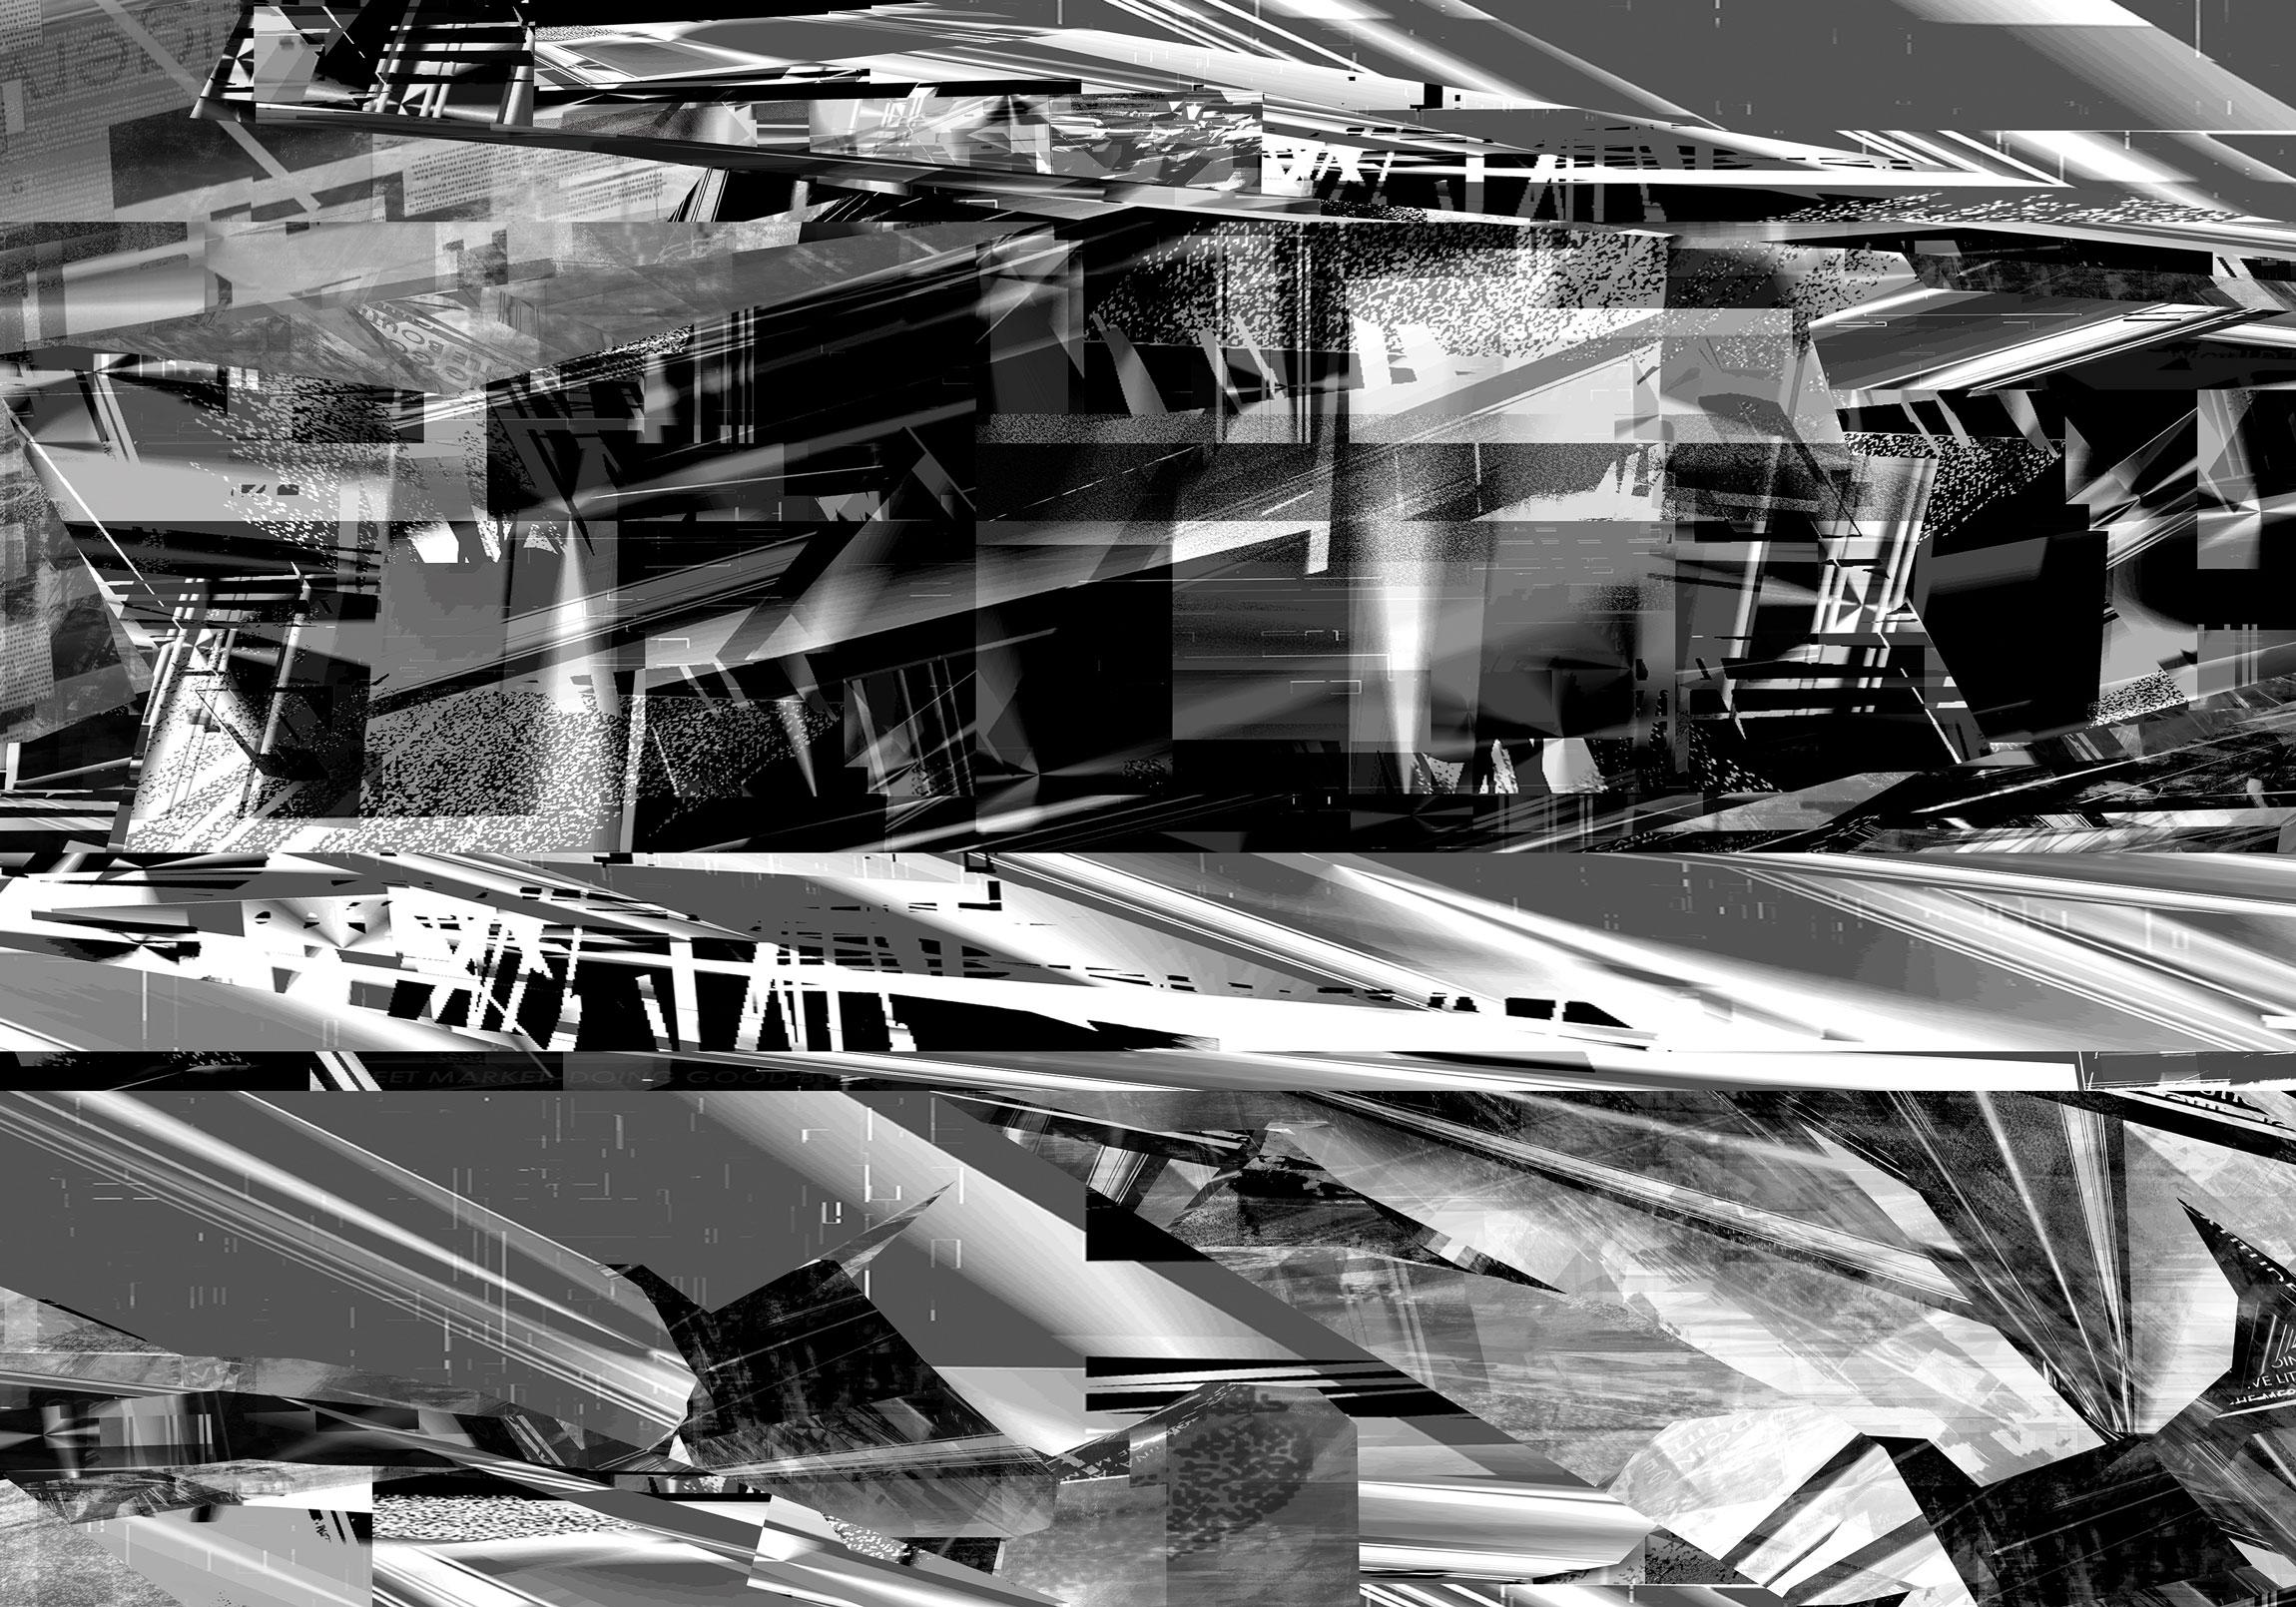 Herwig Steiner(1956L), Architektur, sp63, computergenerierte Zeichnung, 2013